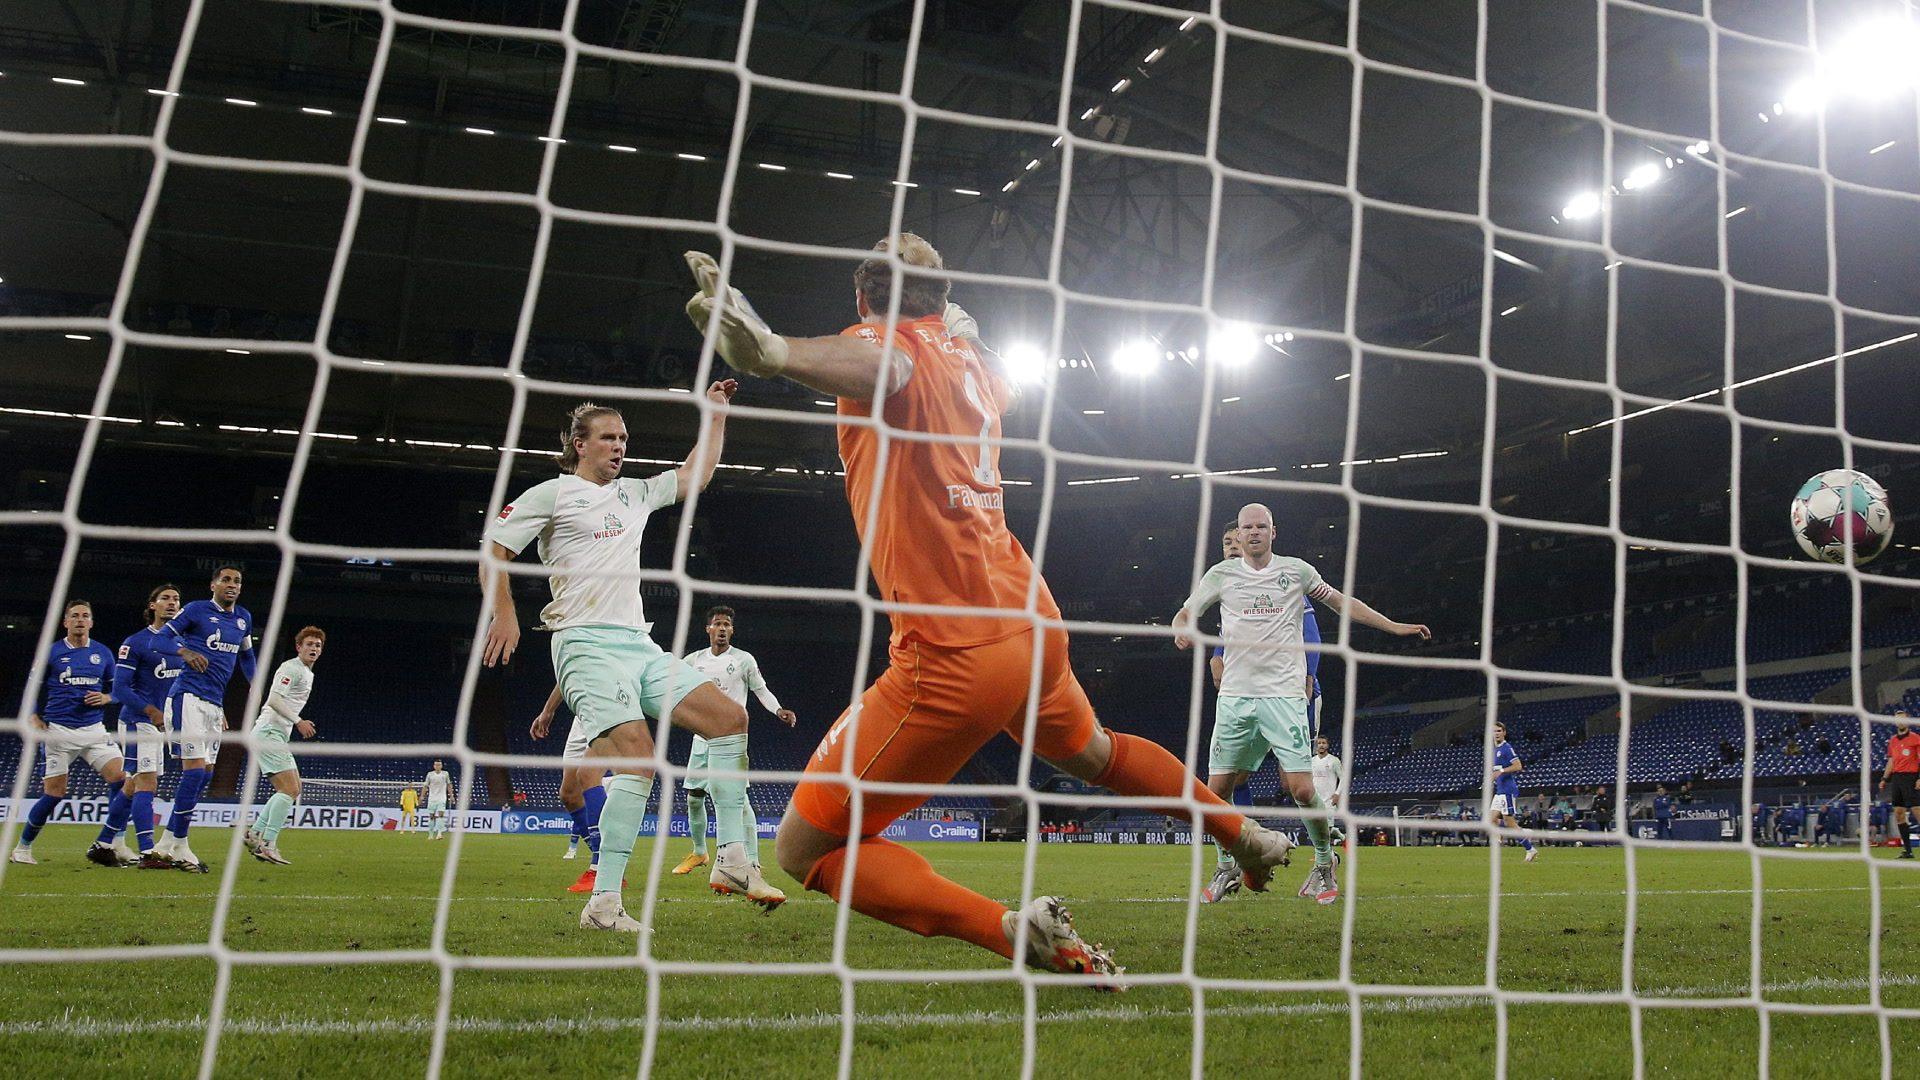 Bremen siegt verdient mit 3:1 auf Schalke